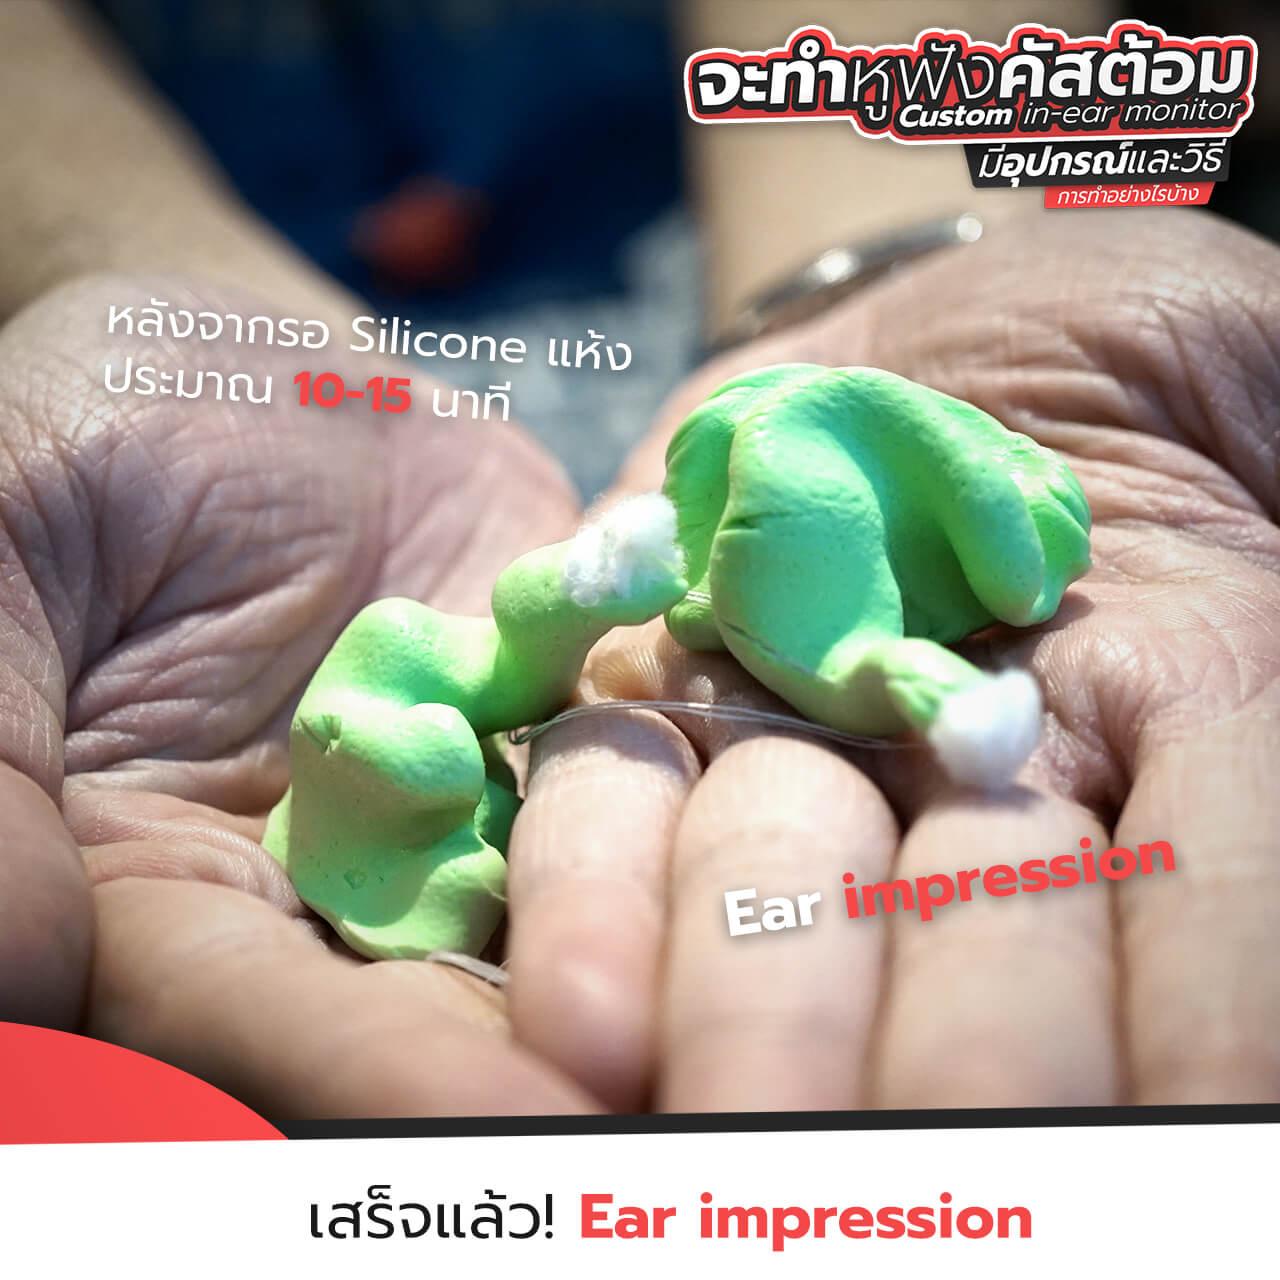 หูฟัง Custom